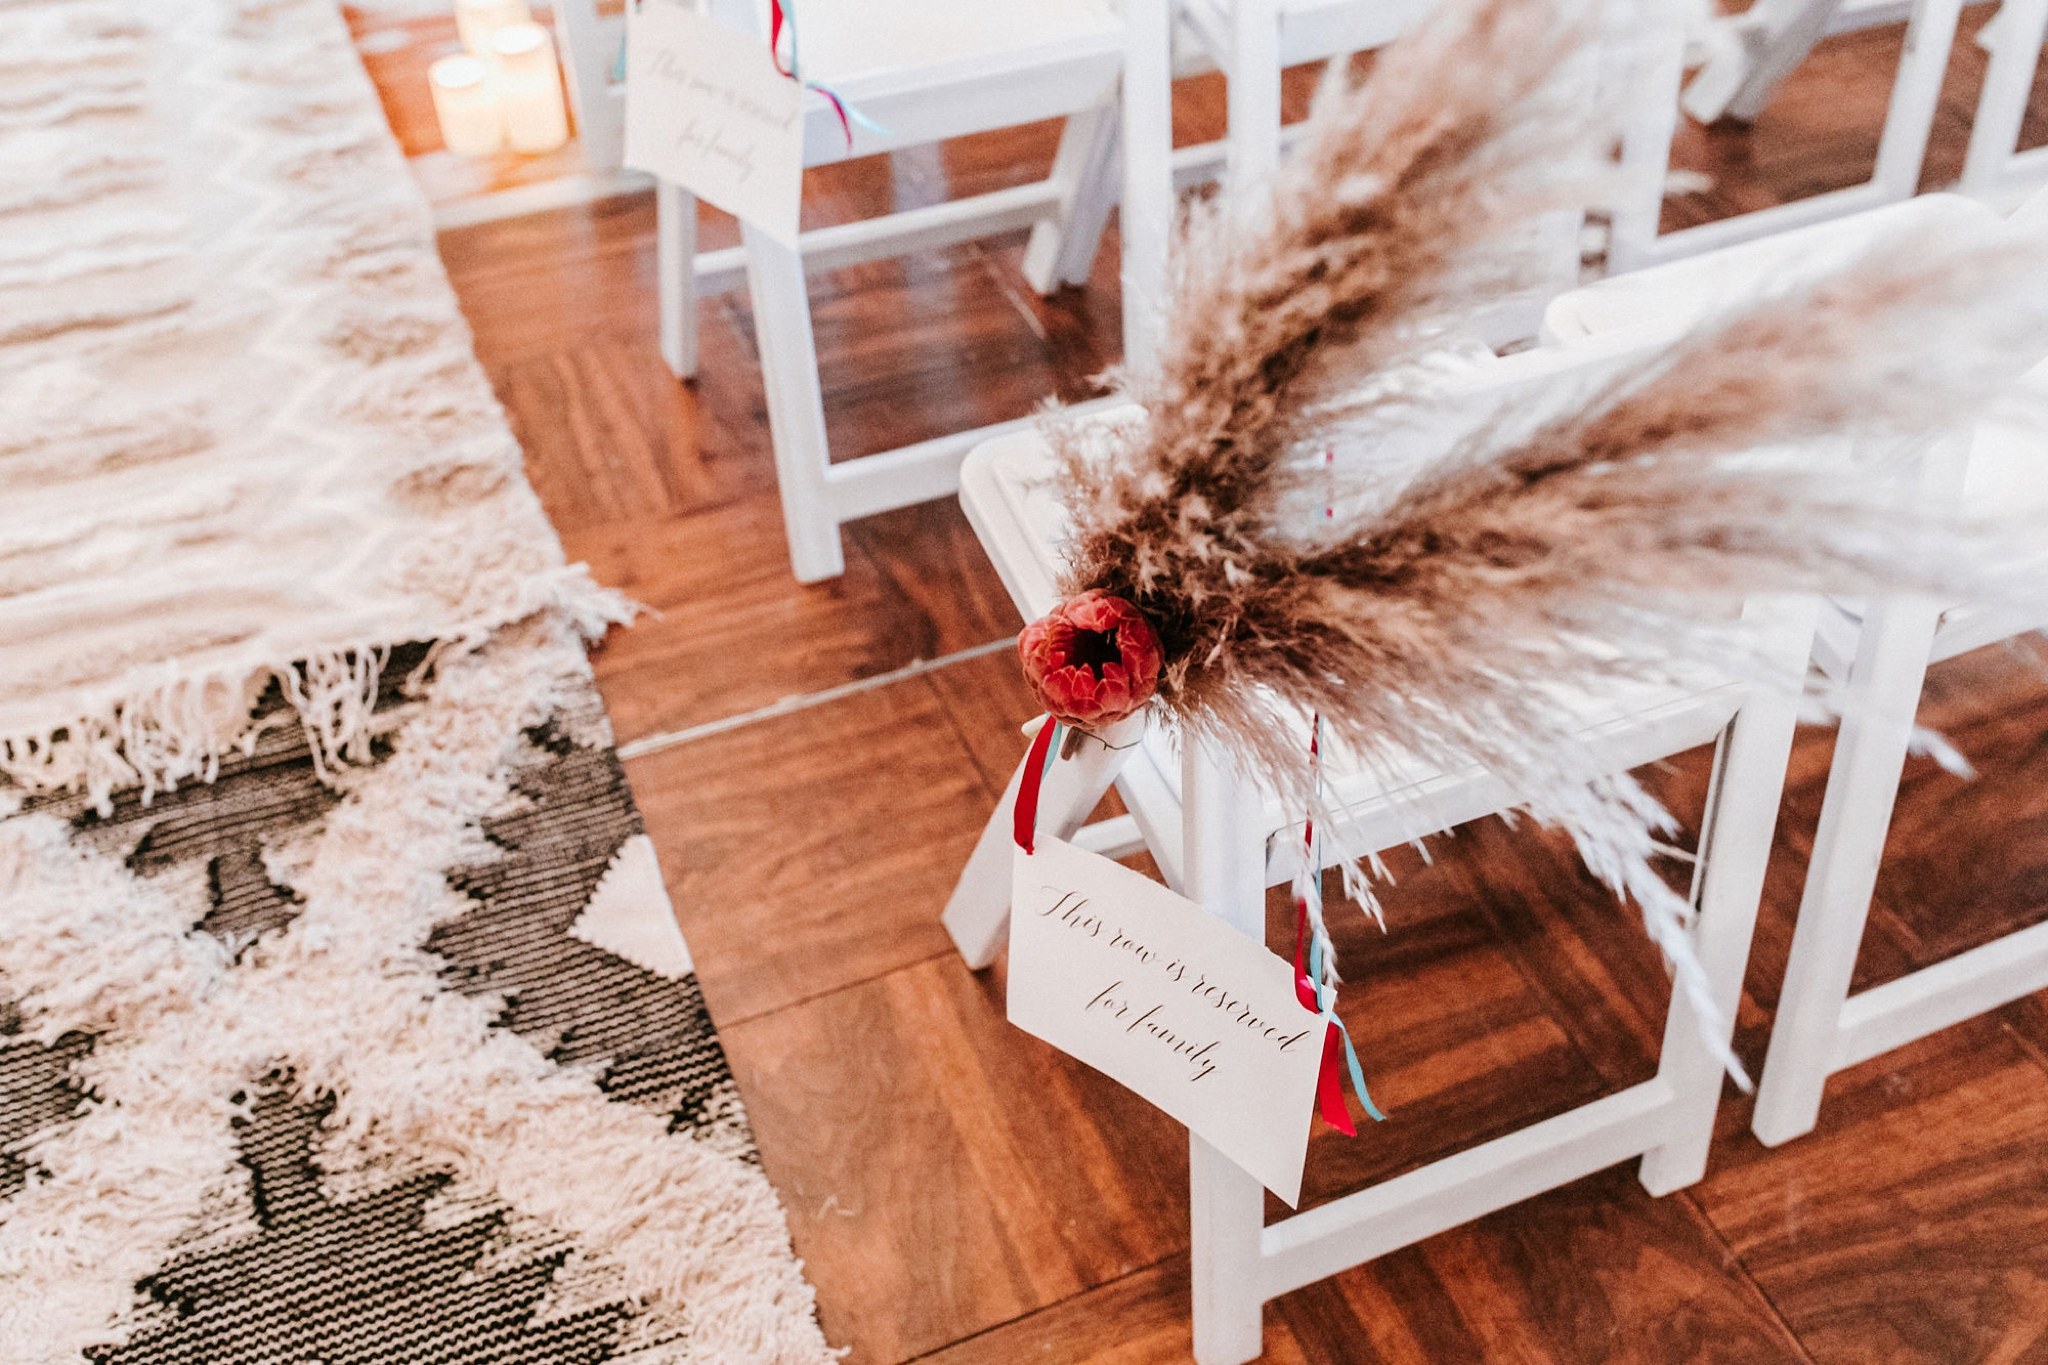 Alicia+lucia+photography+-+albuquerque+wedding+photographer+-+santa+fe+wedding+photography+-+new+mexico+wedding+photographer+-+new+mexico+wedding+-+new+mexico+wedding+-+wedding+florals+-+desert+wedding+-+wedding+trends_0003.jpg